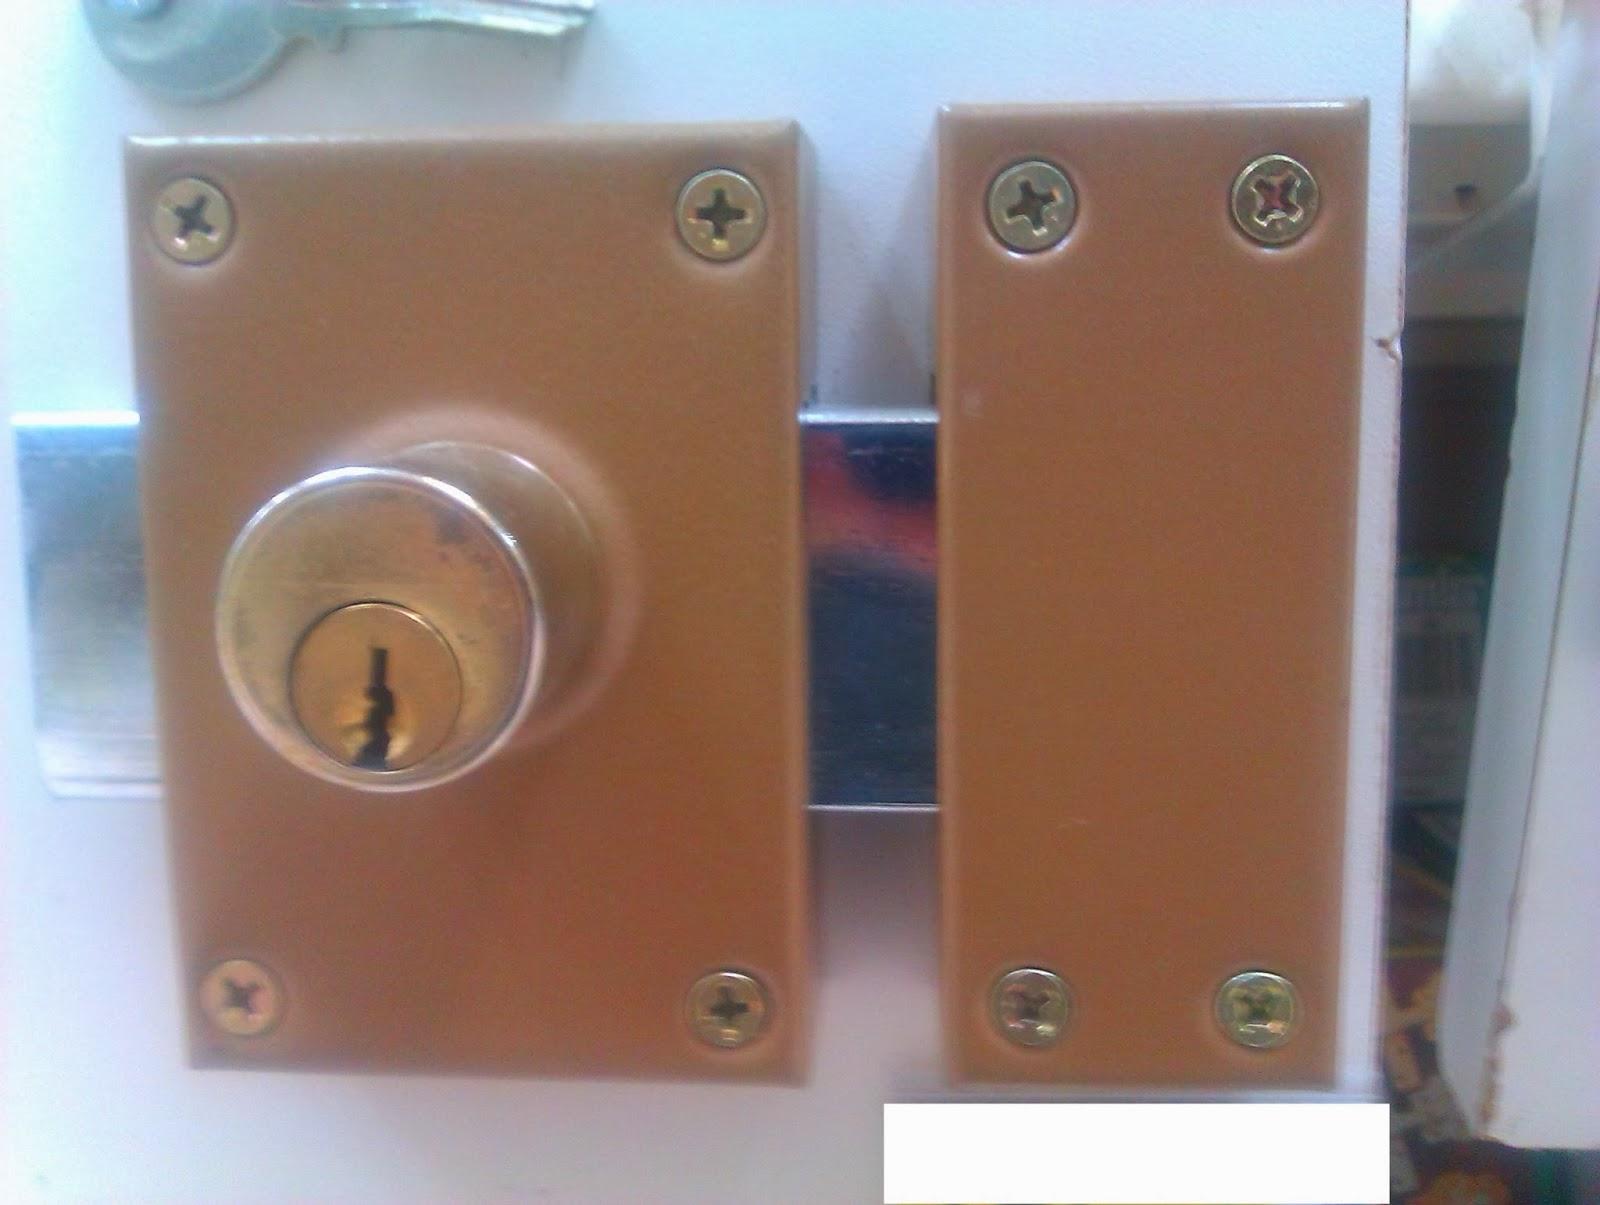 Cerradura de sobreponer en una puerta.